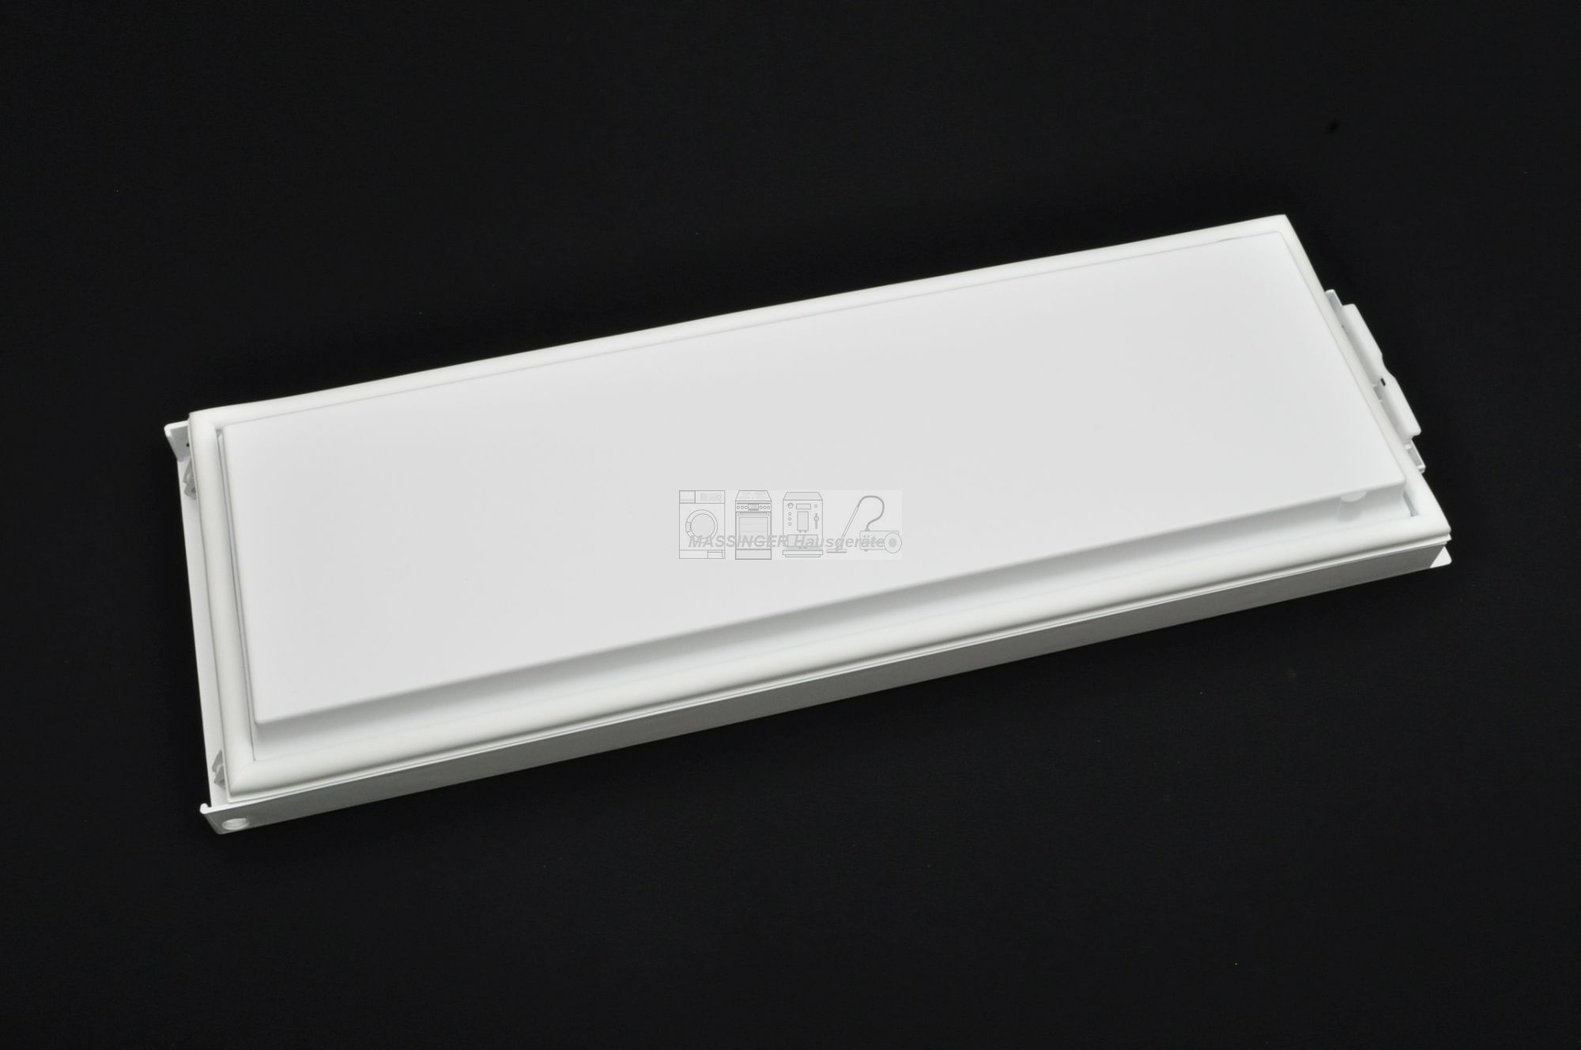 Siemens Kühlschrank Ersatzteile Gefrierfach : Bosch siemens neff gefrierfach türe klappe verdampfer